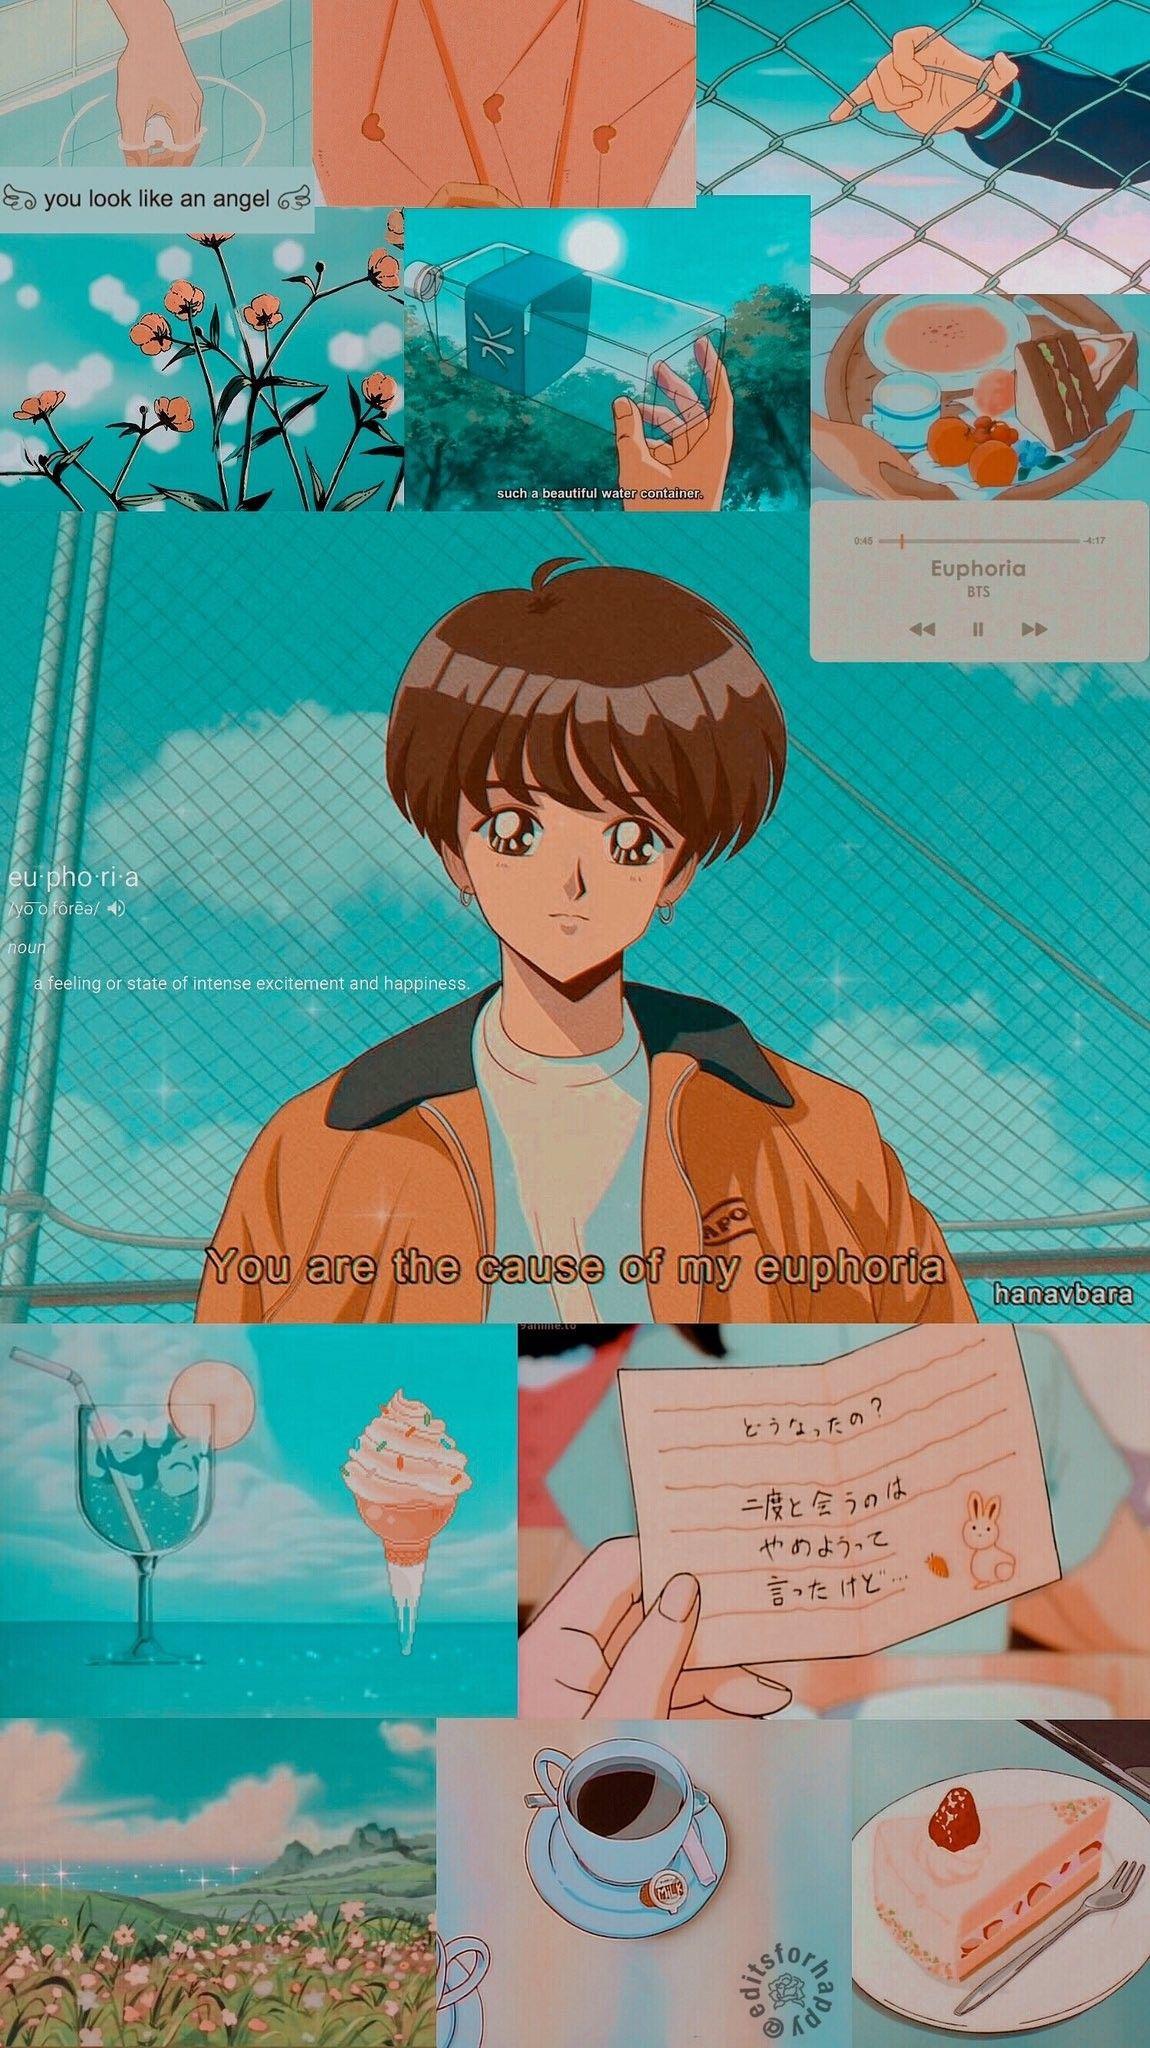 Retro 90s Anime Aesthetic : retro, anime, aesthetic, Aesthetic, Wallpapers, Retro, Anime, Wallpaper